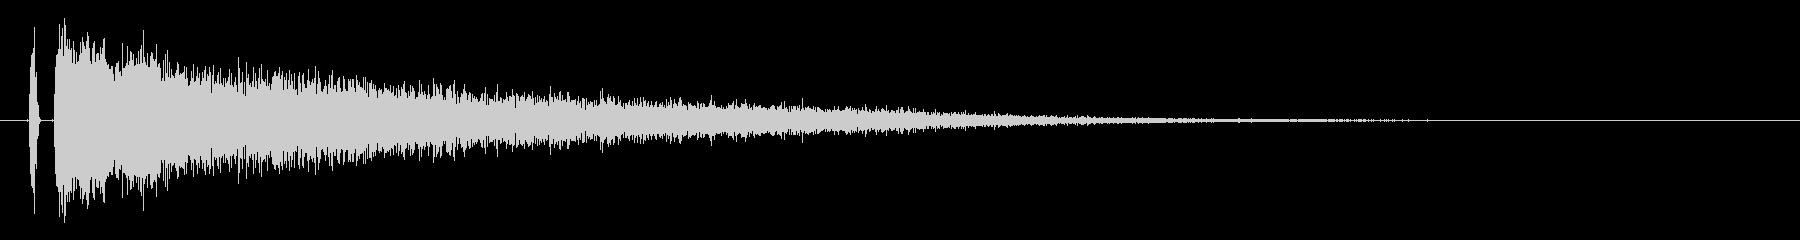 【チャイナシンバル3】中国風な演出に最適の未再生の波形